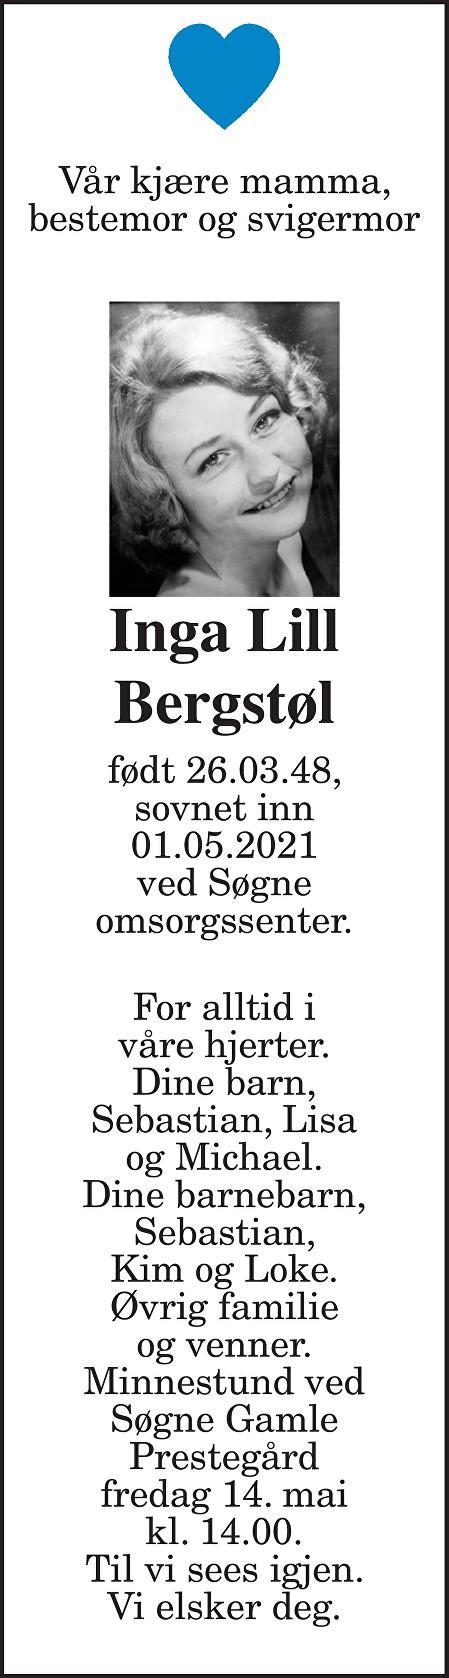 Inga Lill Bergstøl Dødsannonse